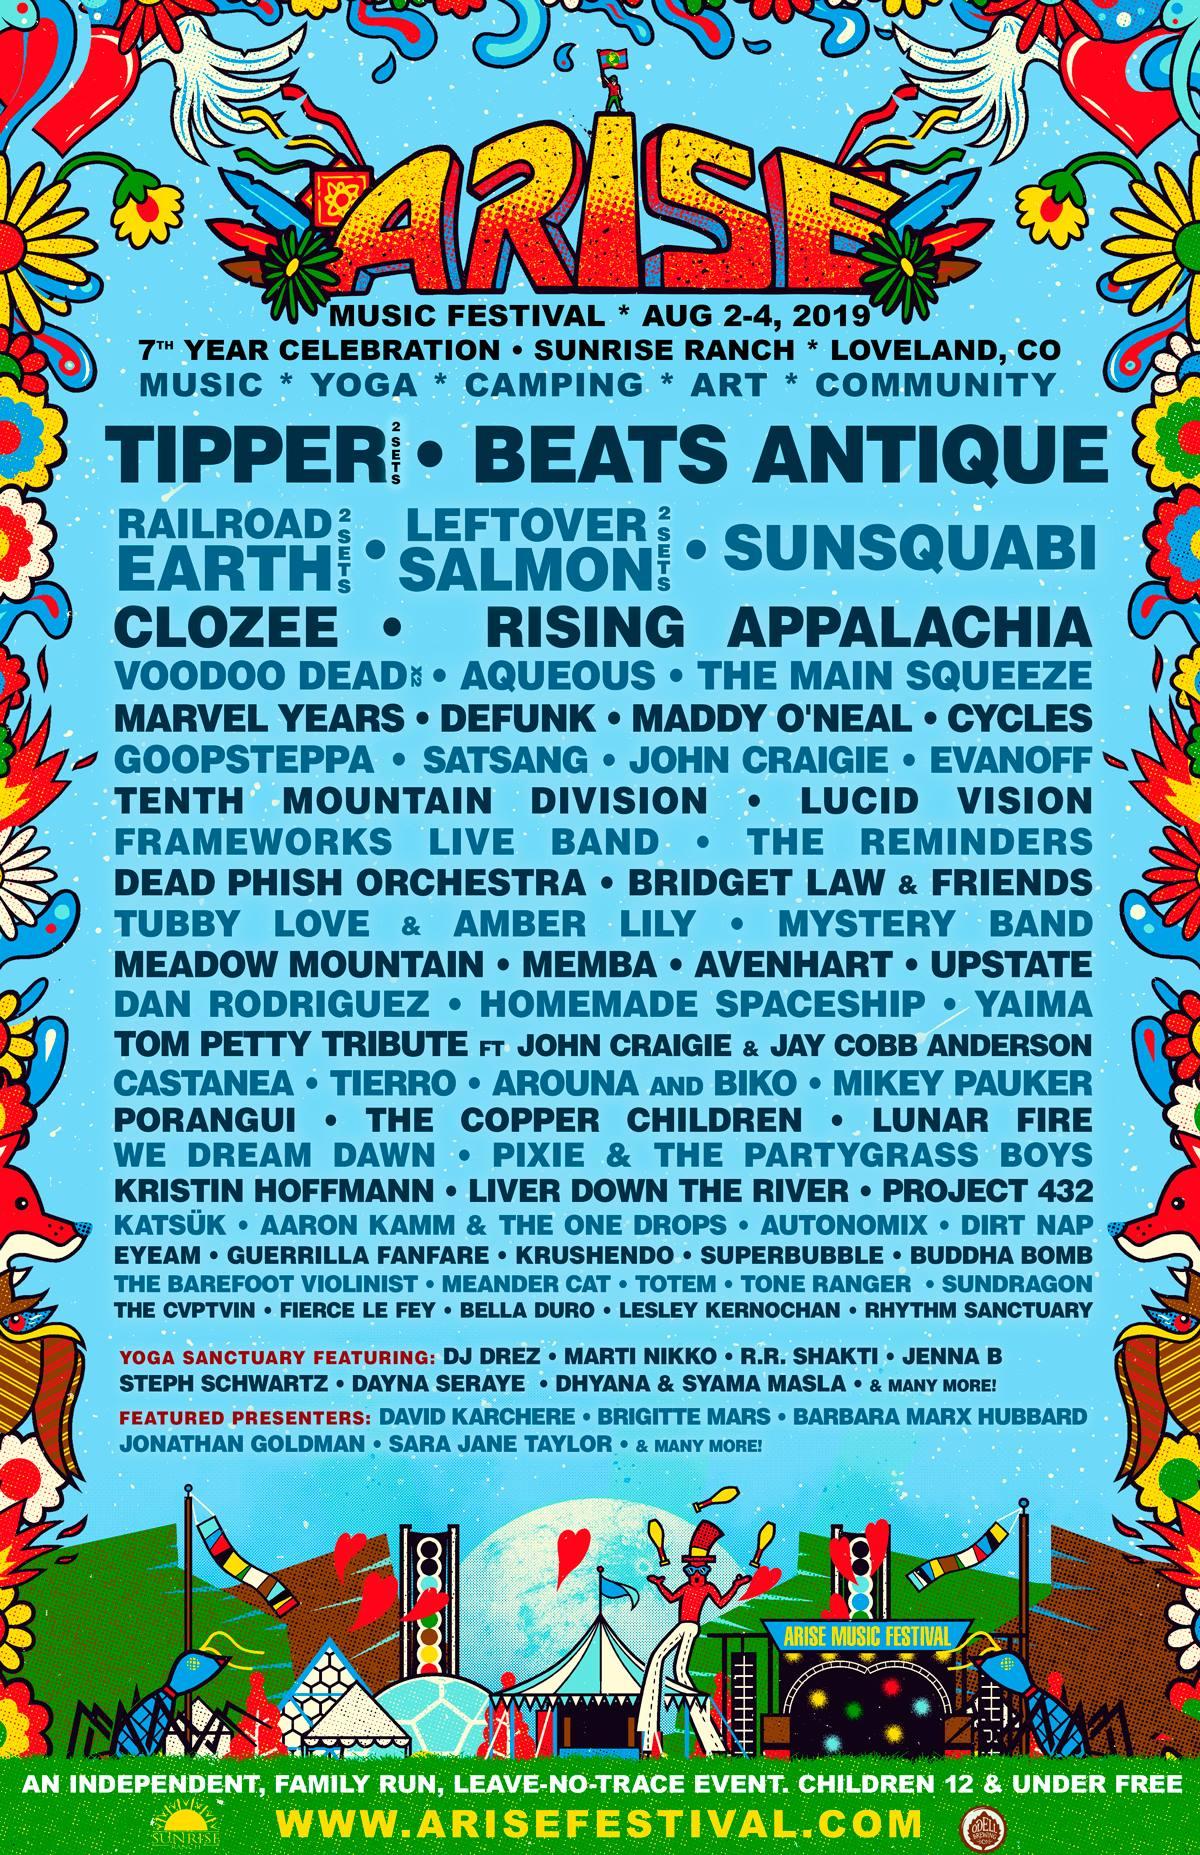 Arise Fest line up